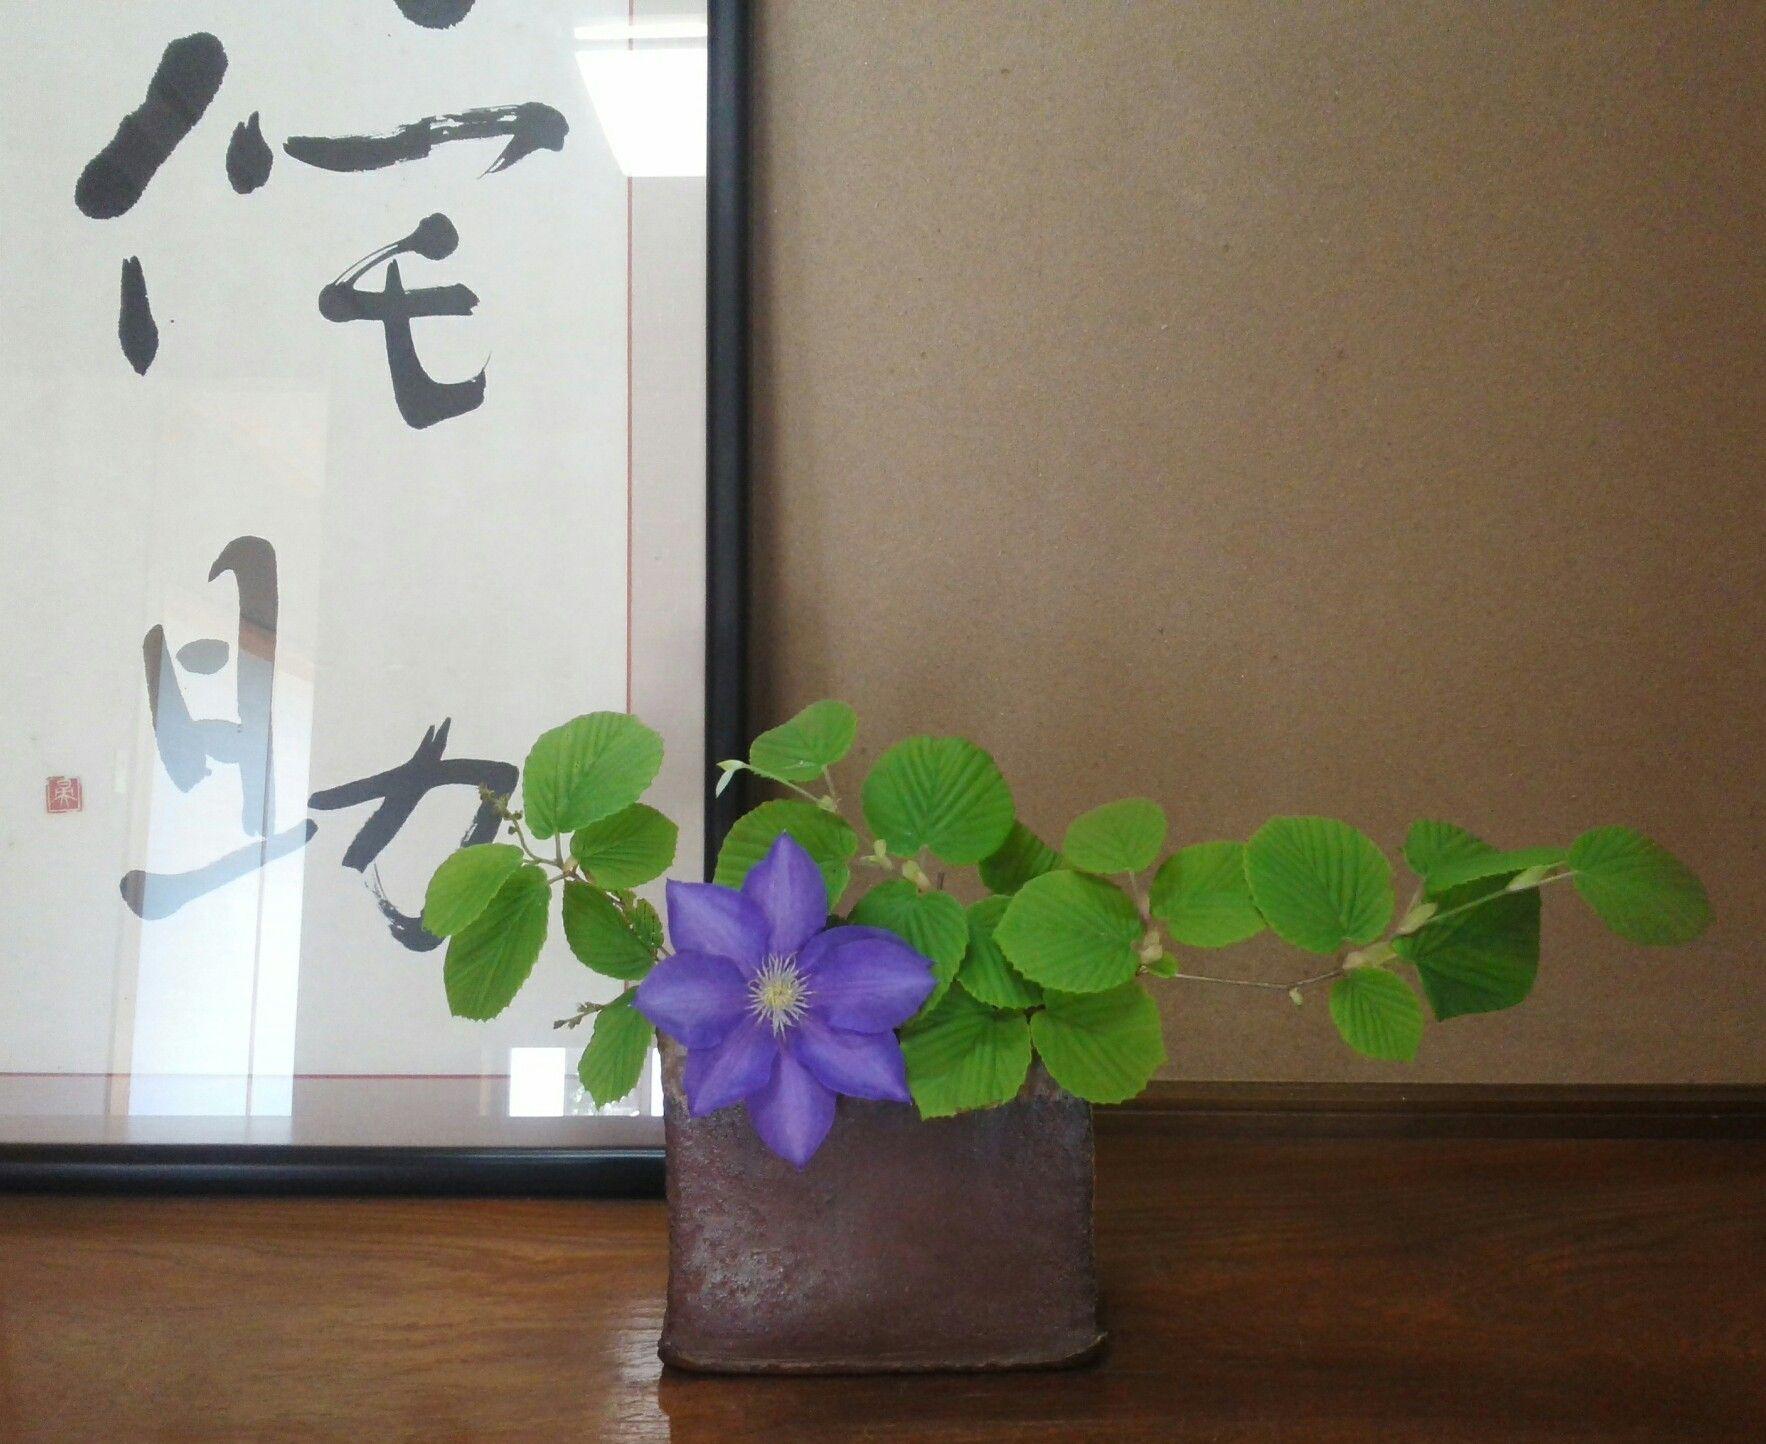 今年もお義母さんが大事に育てている鉢植えのクレマチスから花一輪いただいて生けました土佐水木と…風が吹くとクルクルまわりだしそうなクレマチス花びらに見えるけ...